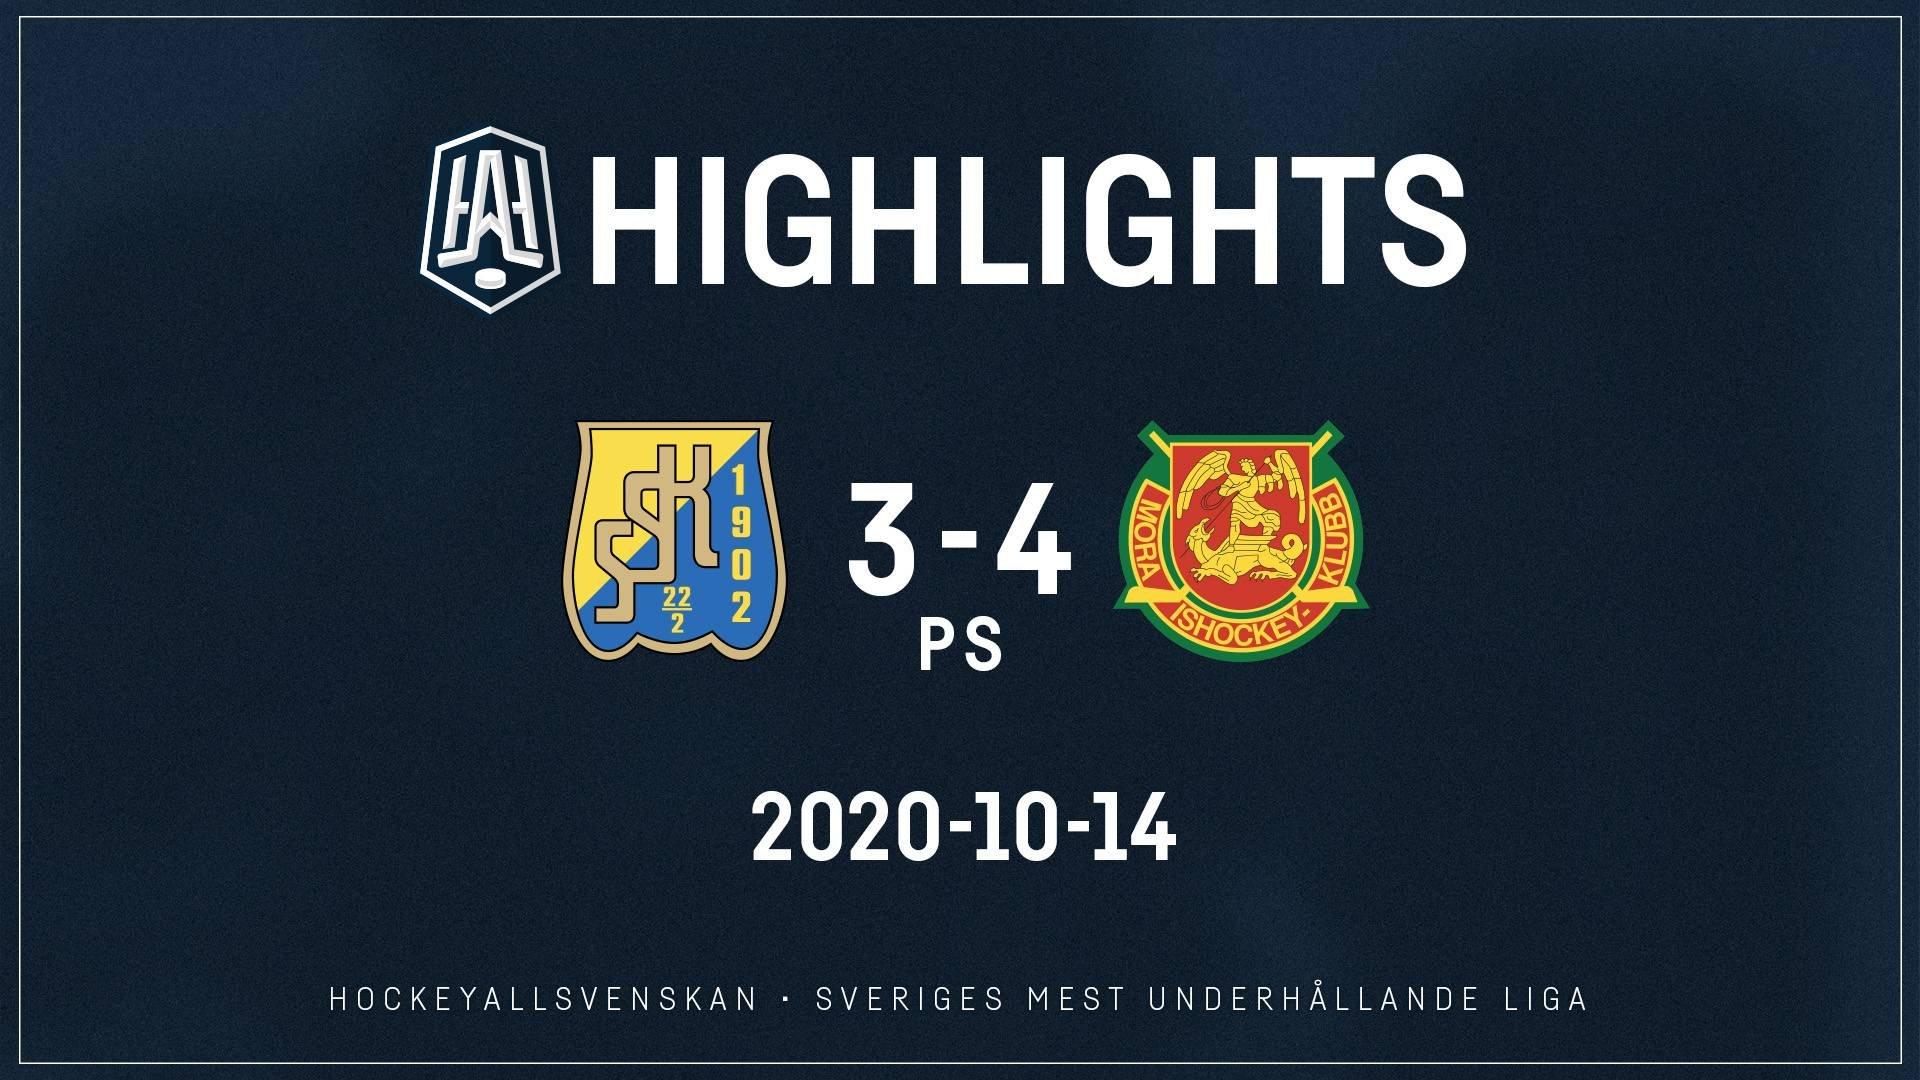 2020-10-14 Södertälje - Mora 3-4 (PS)